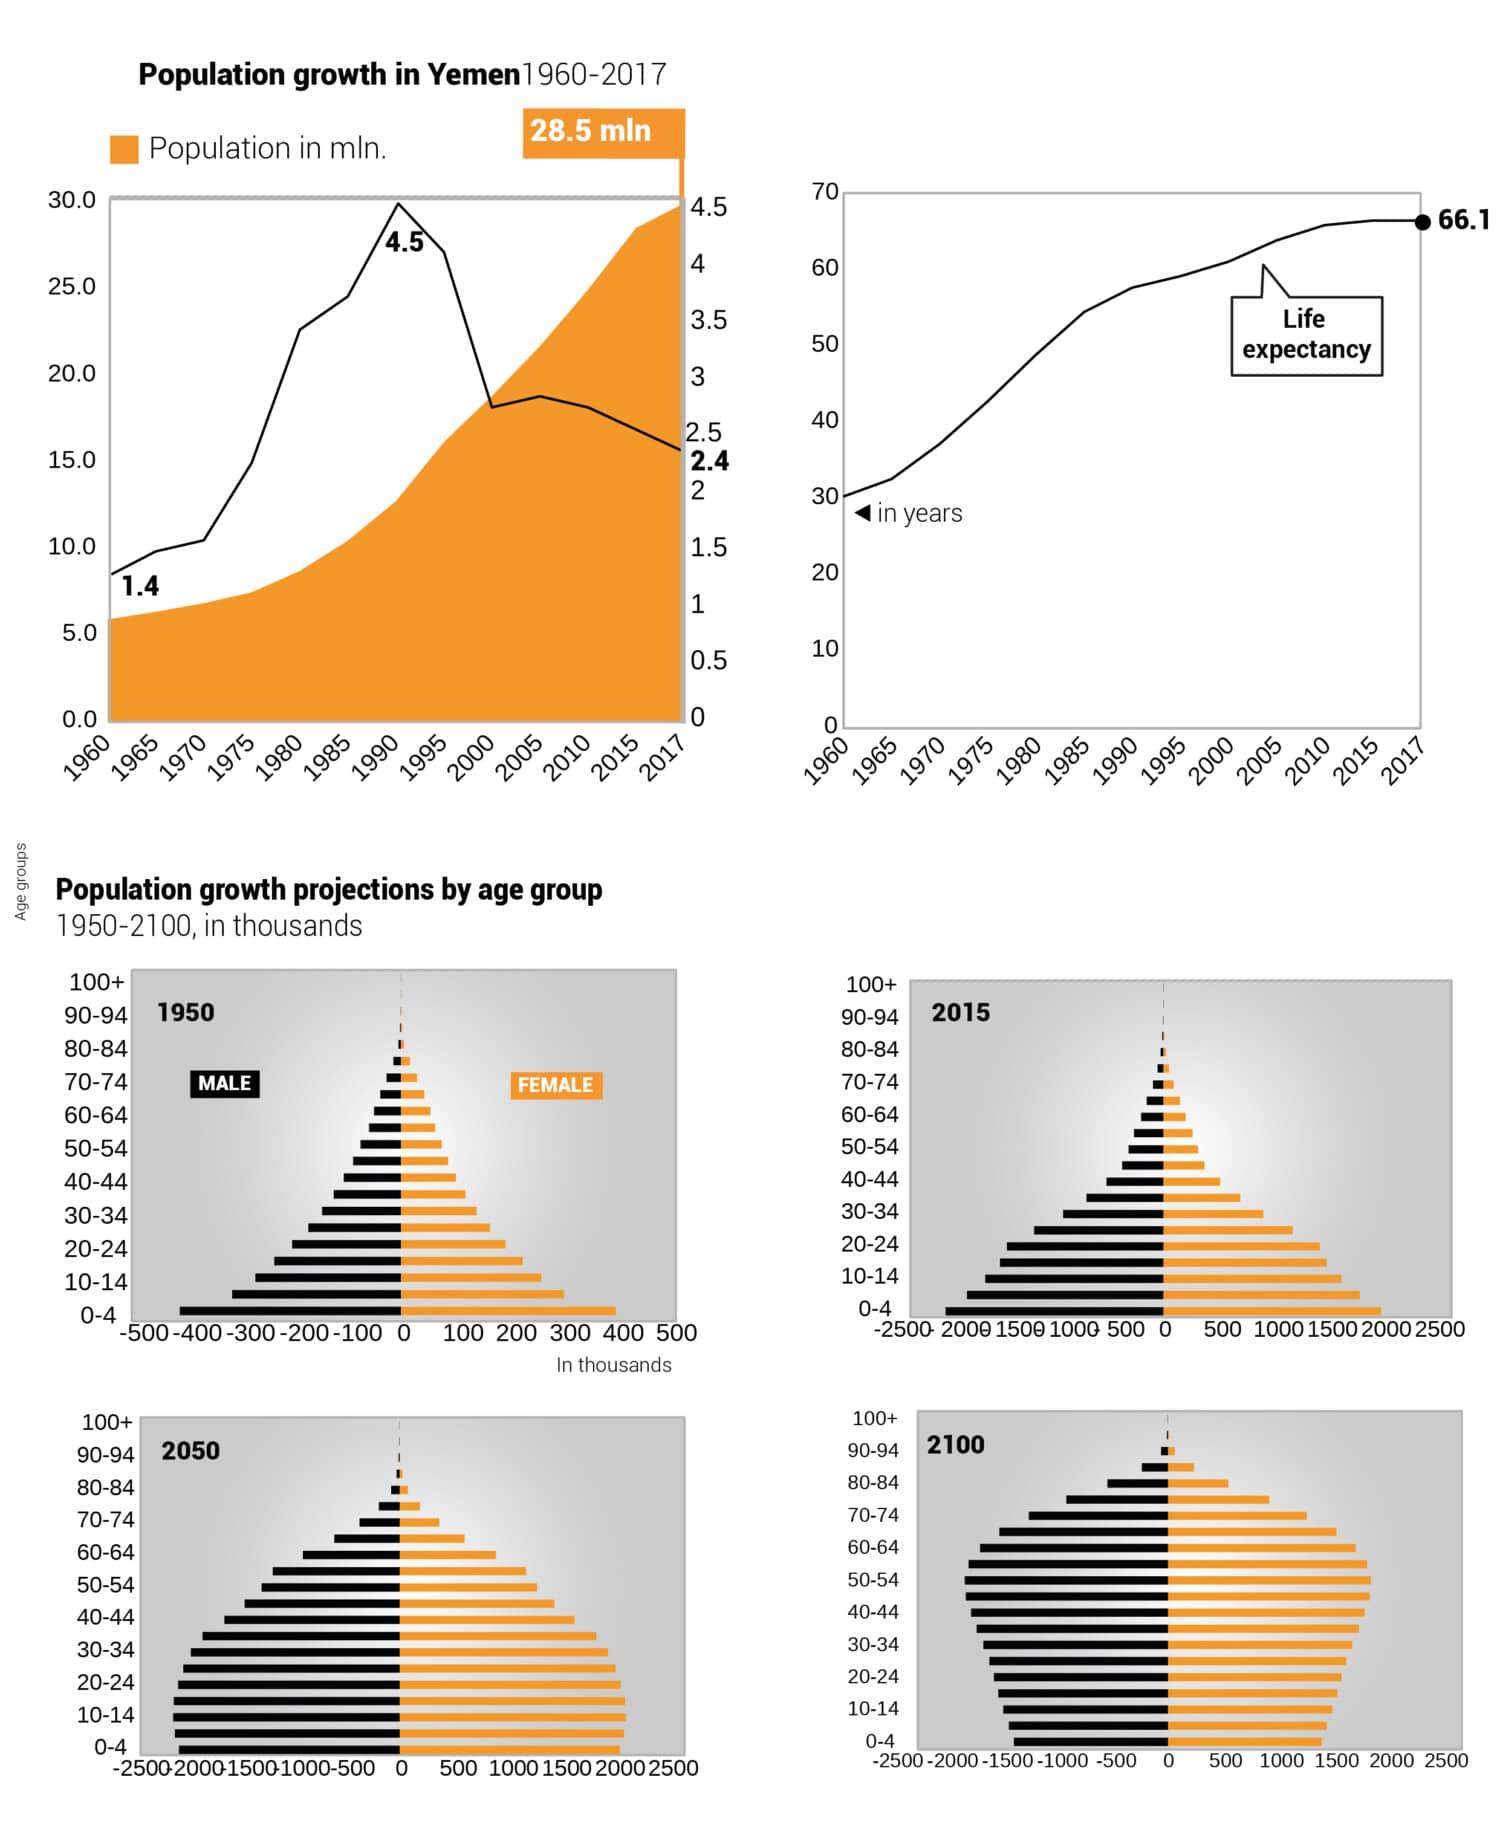 Yemen population growth